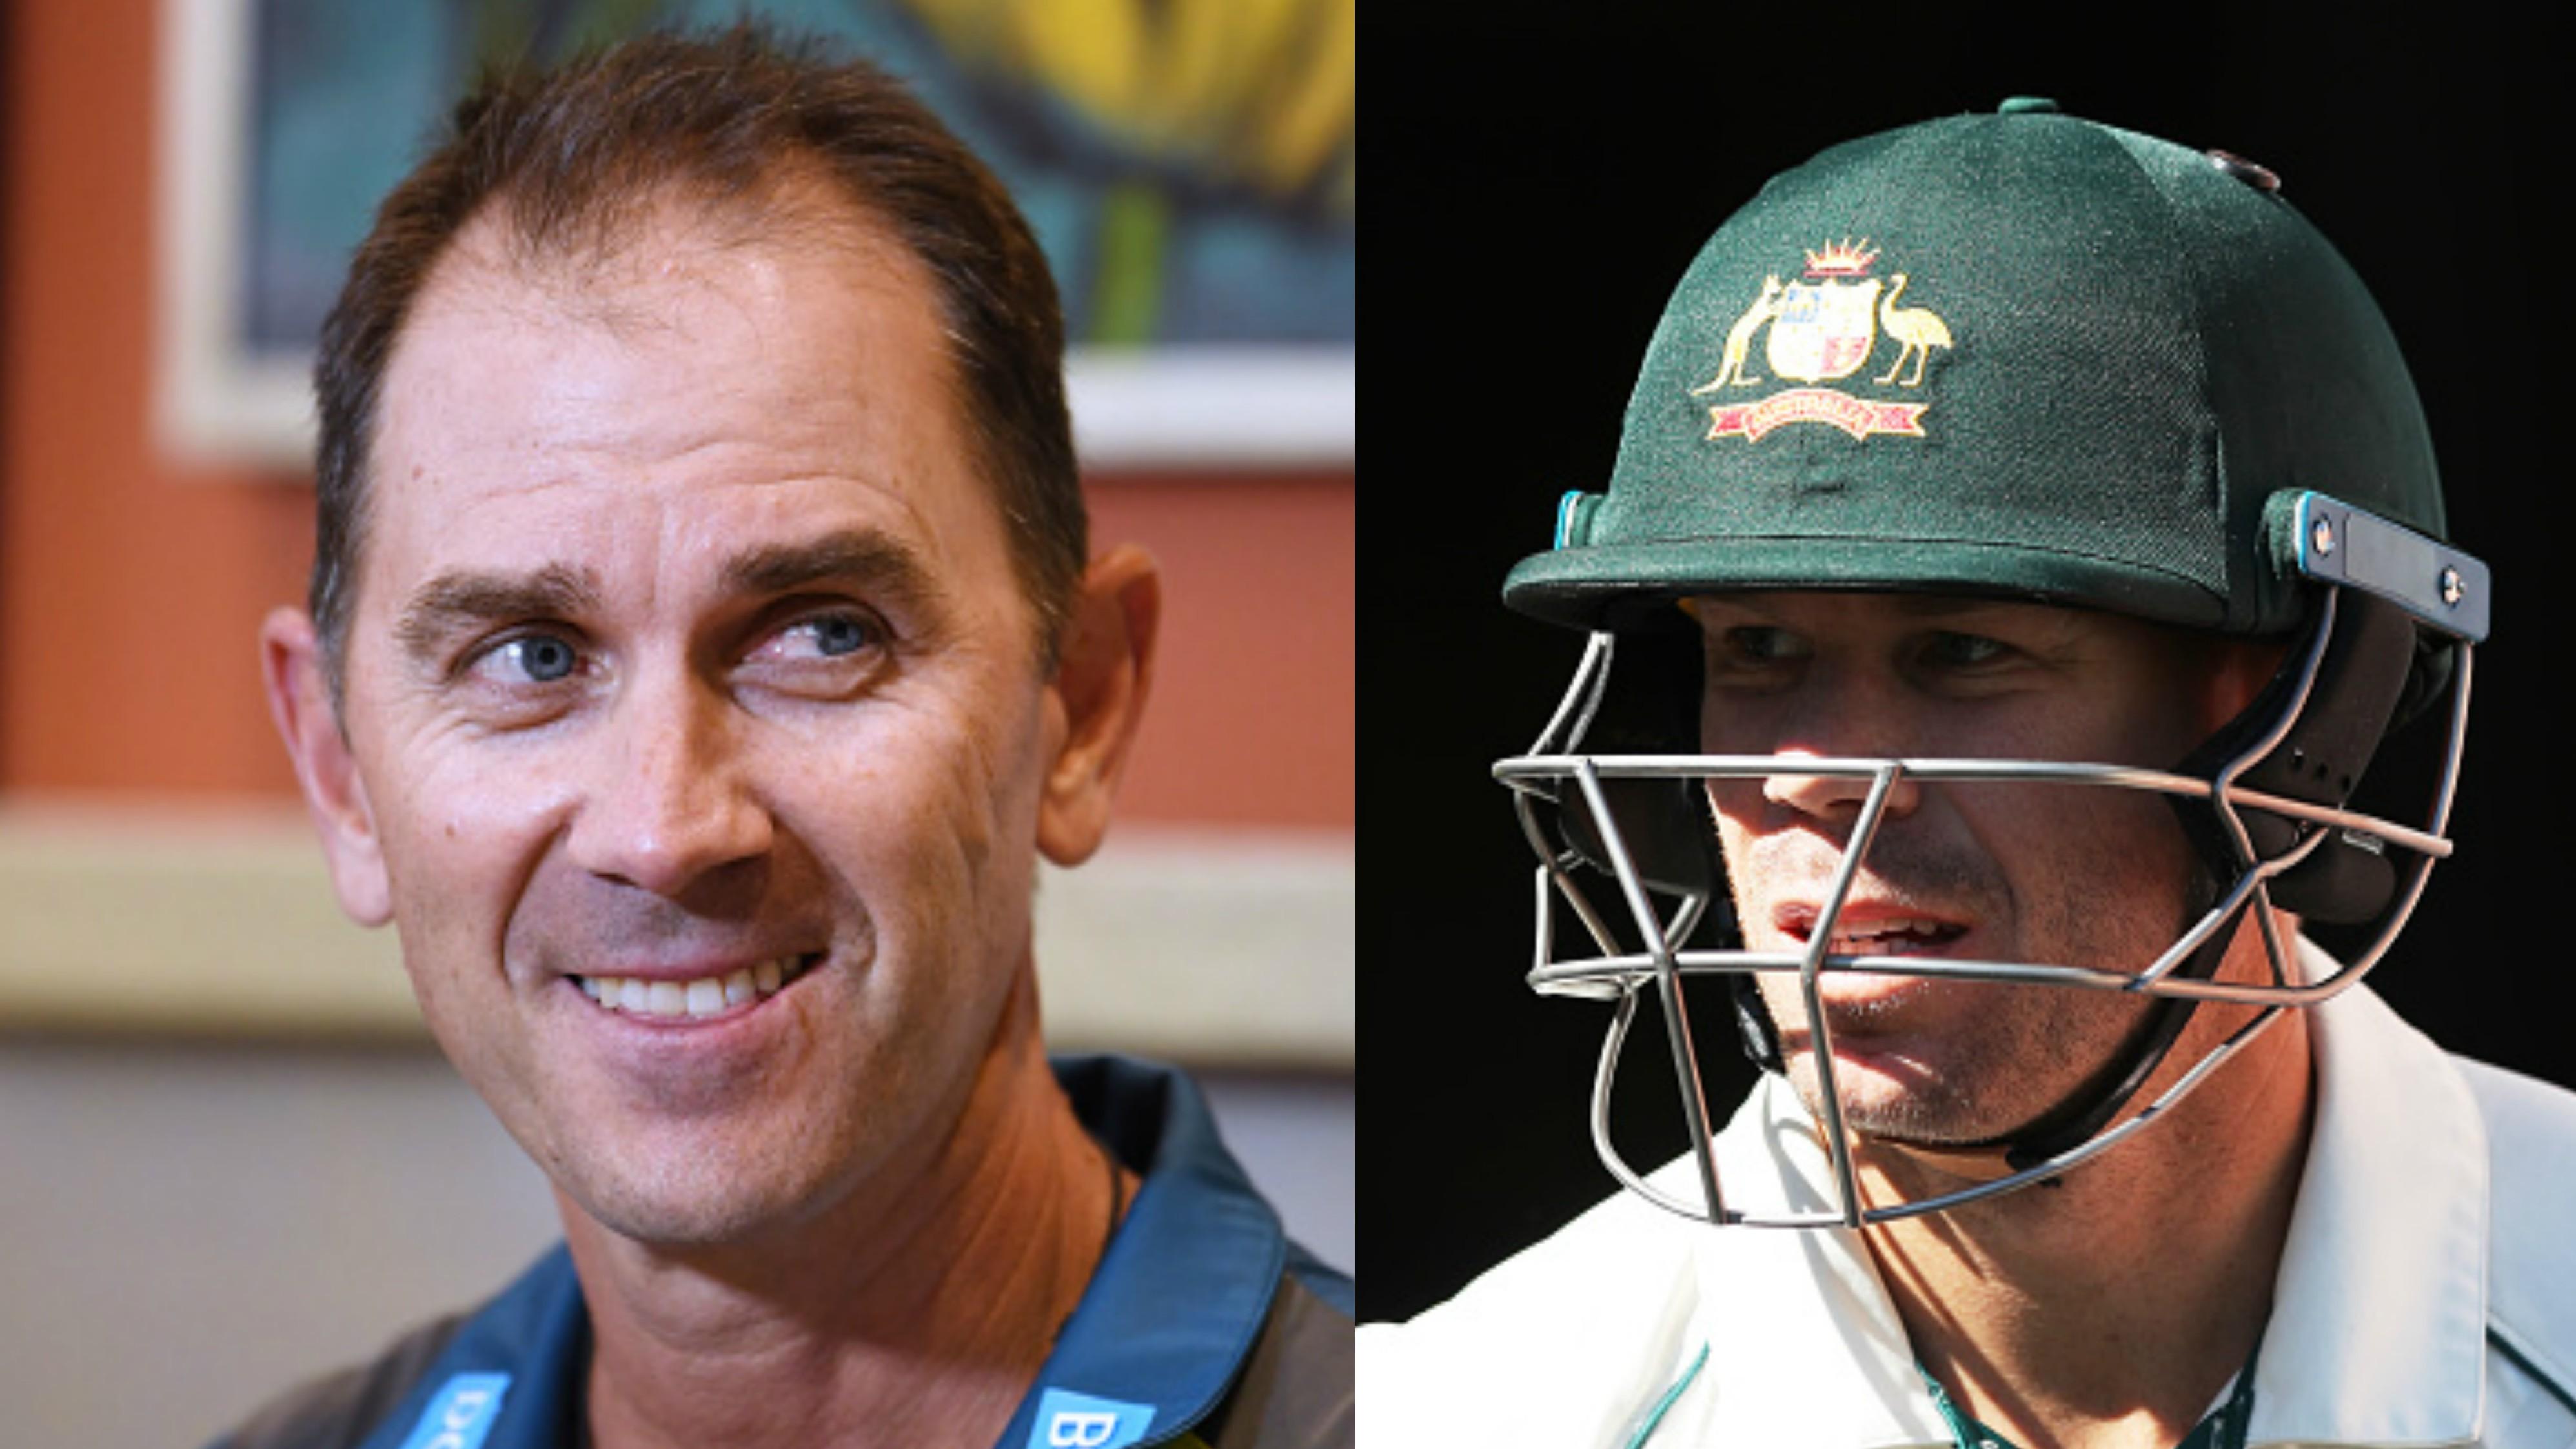 AUS v NZ 2019-20: Justin Langer declares David Warner fit for Boxing Day Test after injury scare